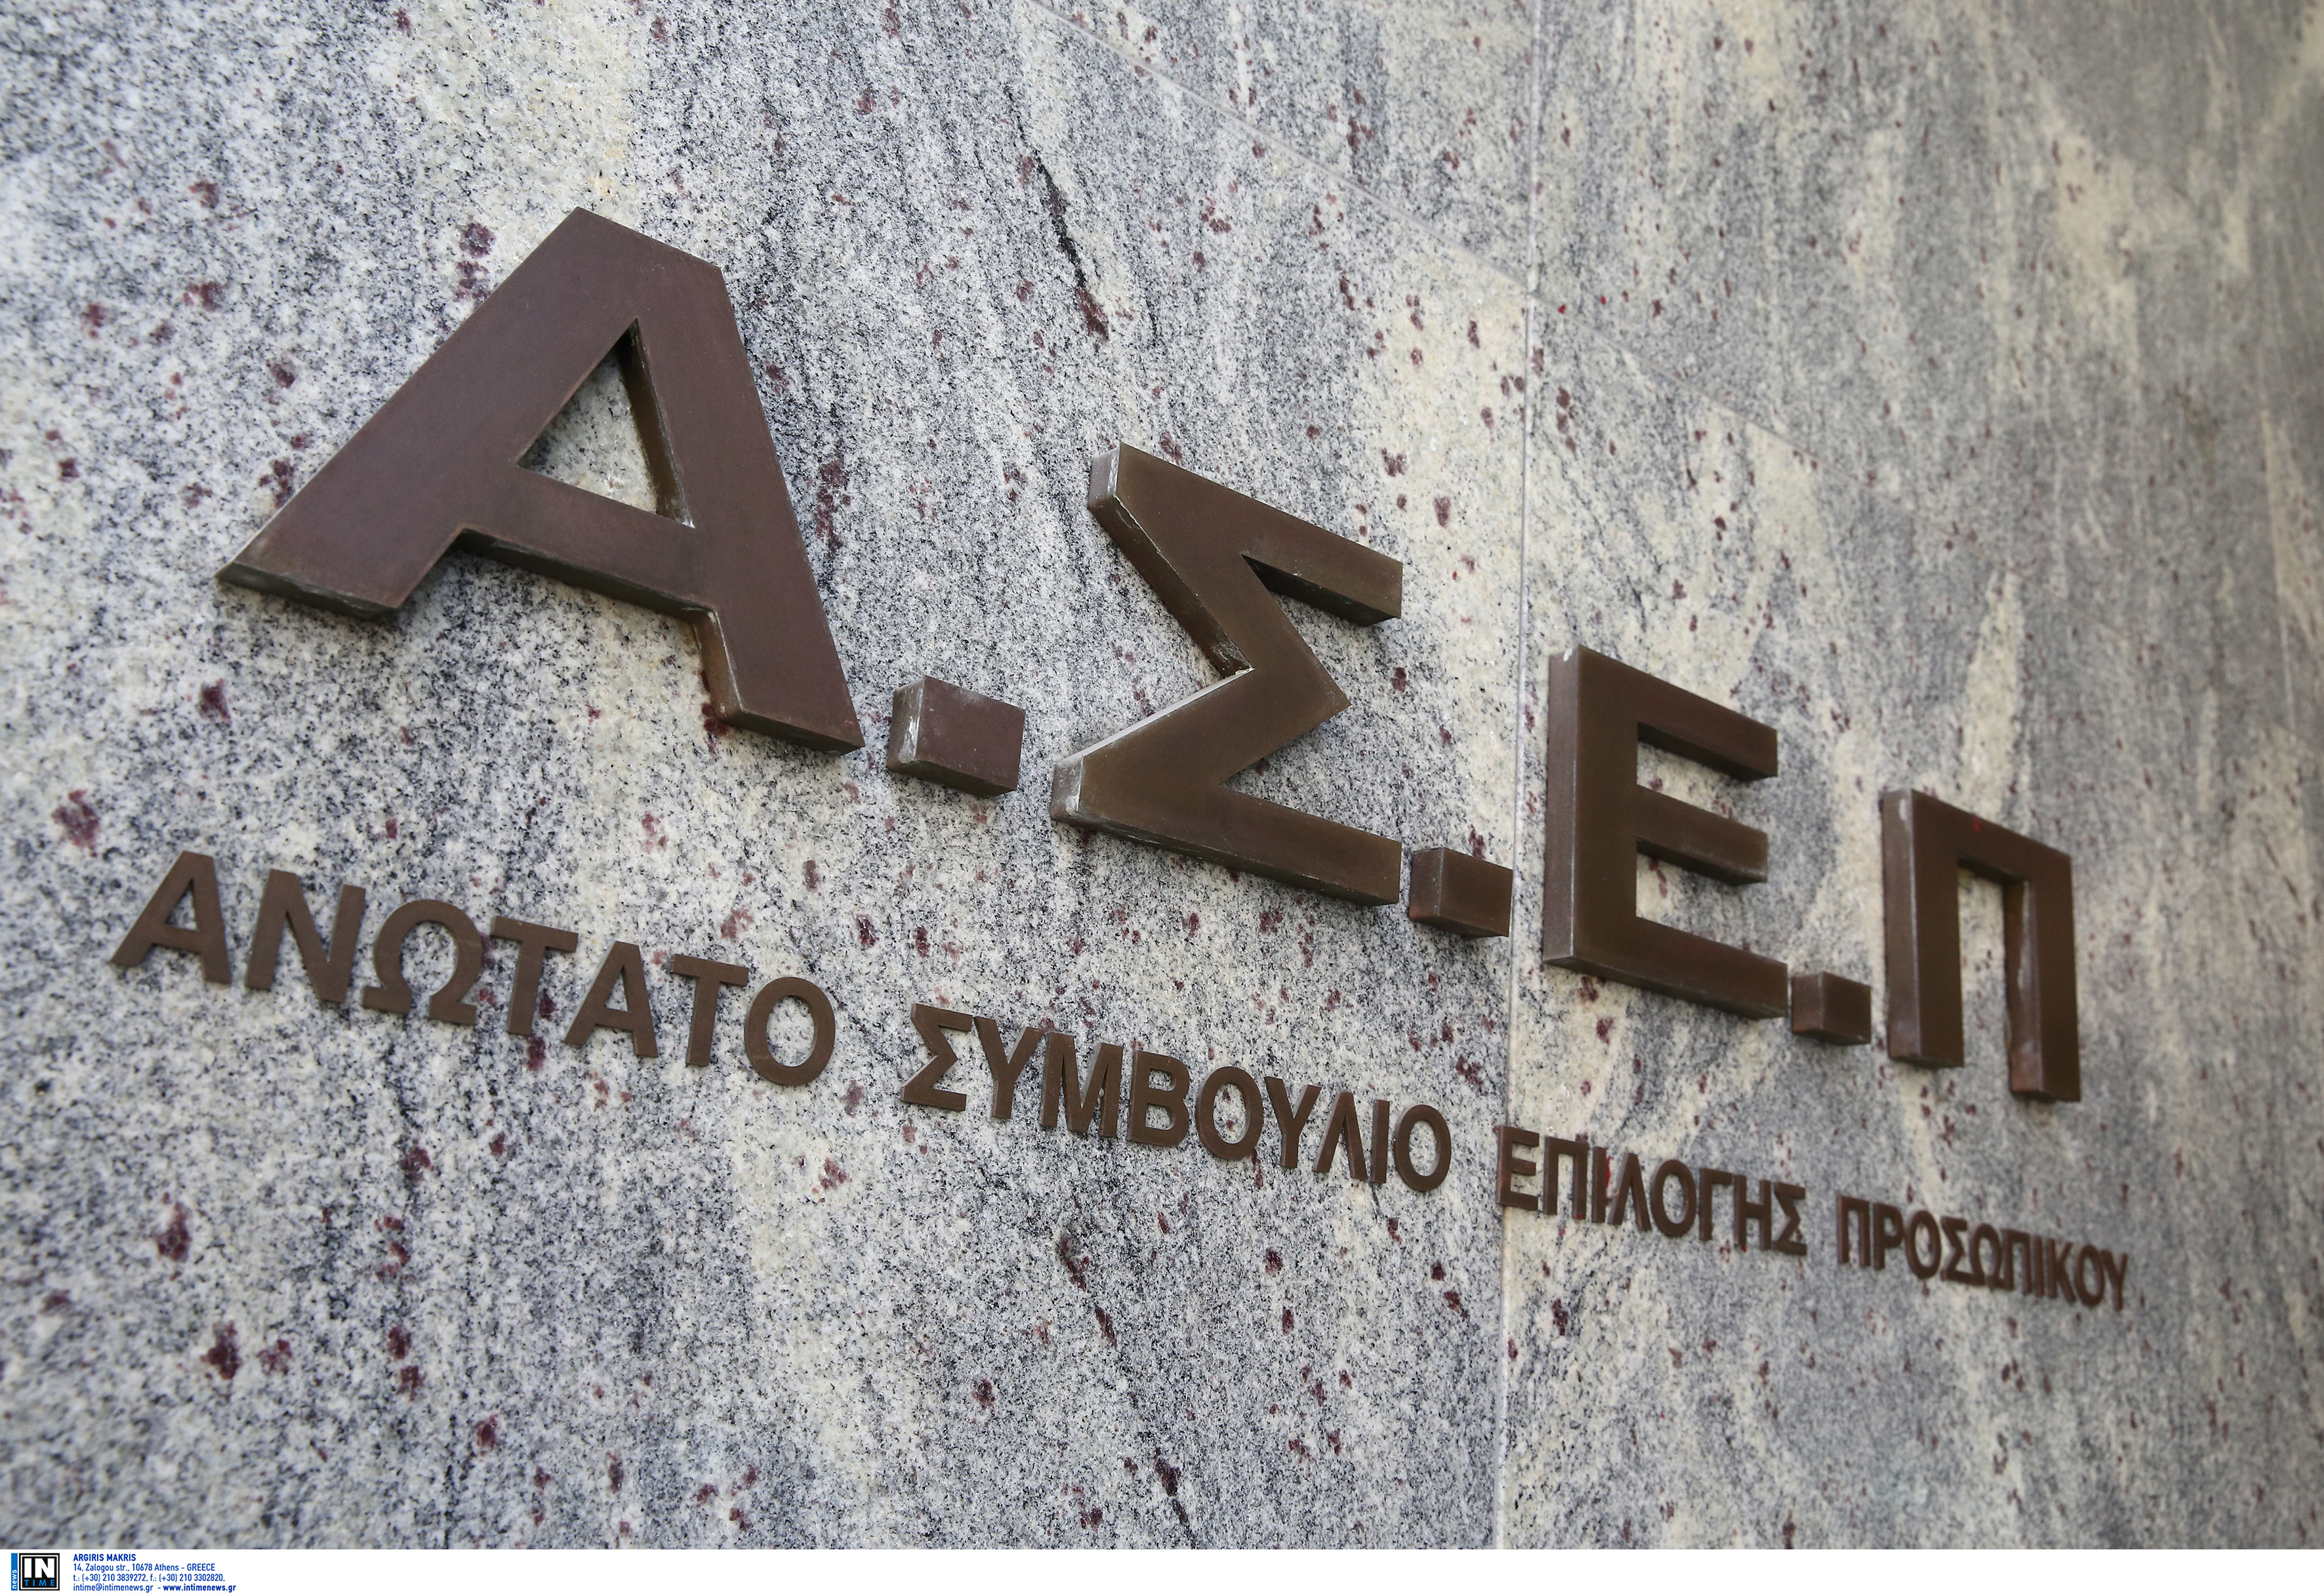 Λιγότερες οι αιτήσεις από τις 773 θέσεις που προκήρυξε το ΑΣΕΠ | tovima.gr